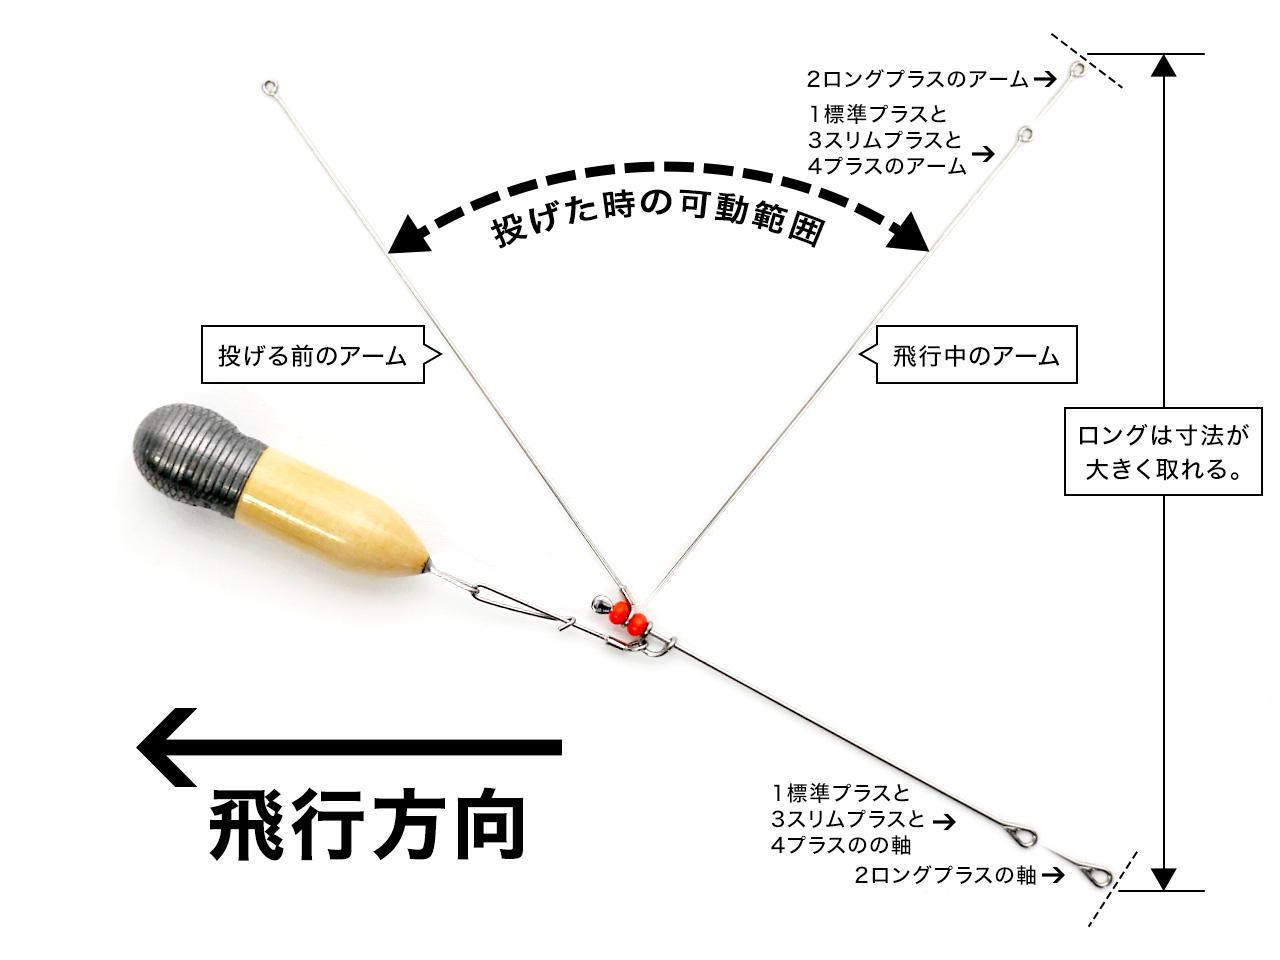 爆釣天秤4プラス+根木式海草ウッドシンカー25号飛行姿勢の解説